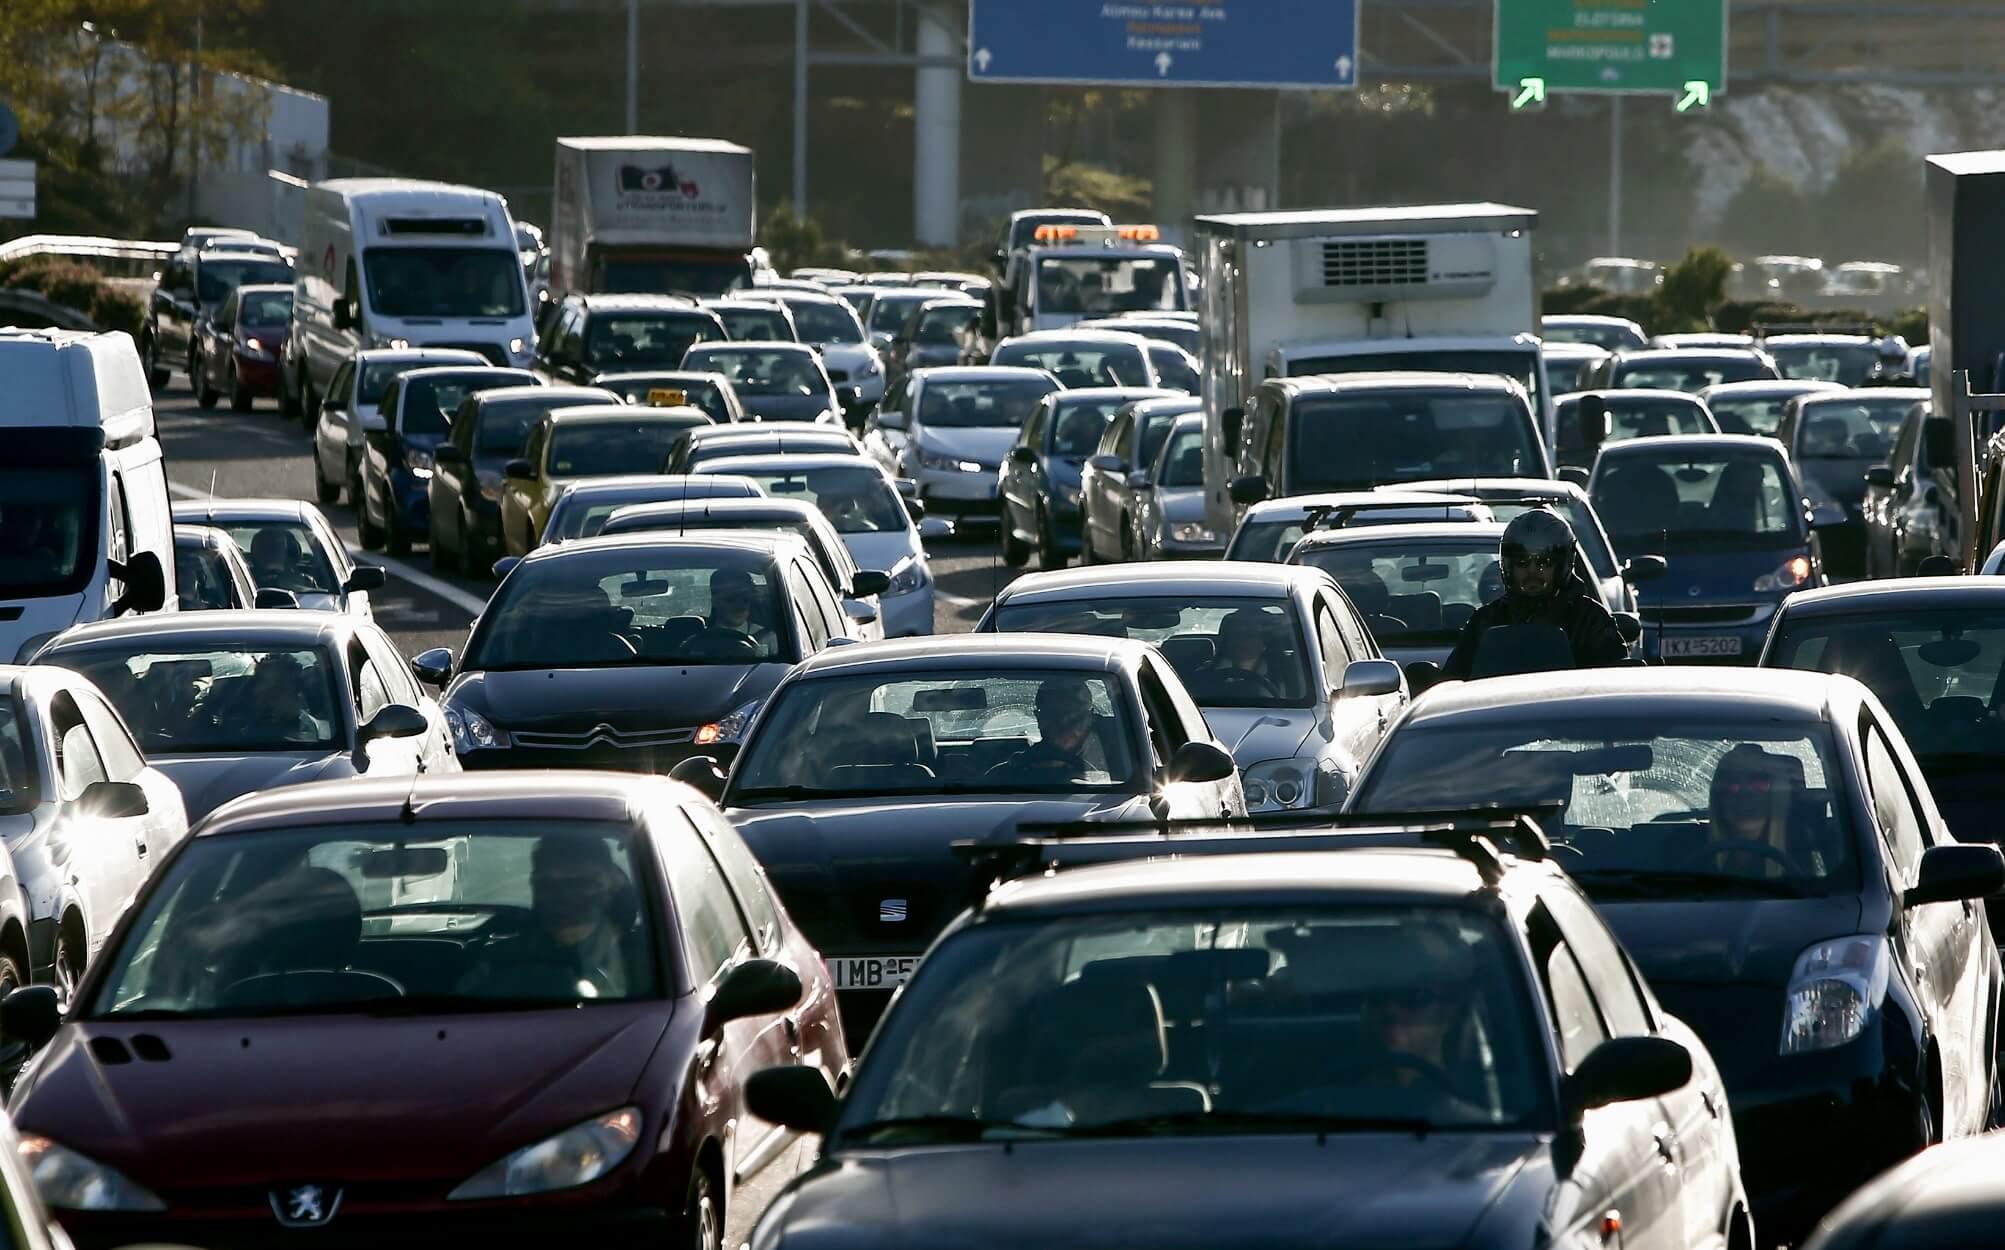 Προσοχή: Πως να φύγετε με ασφάλεια για ταξίδι – Τι να προσέξετε σε σπίτι και αυτοκίνητο